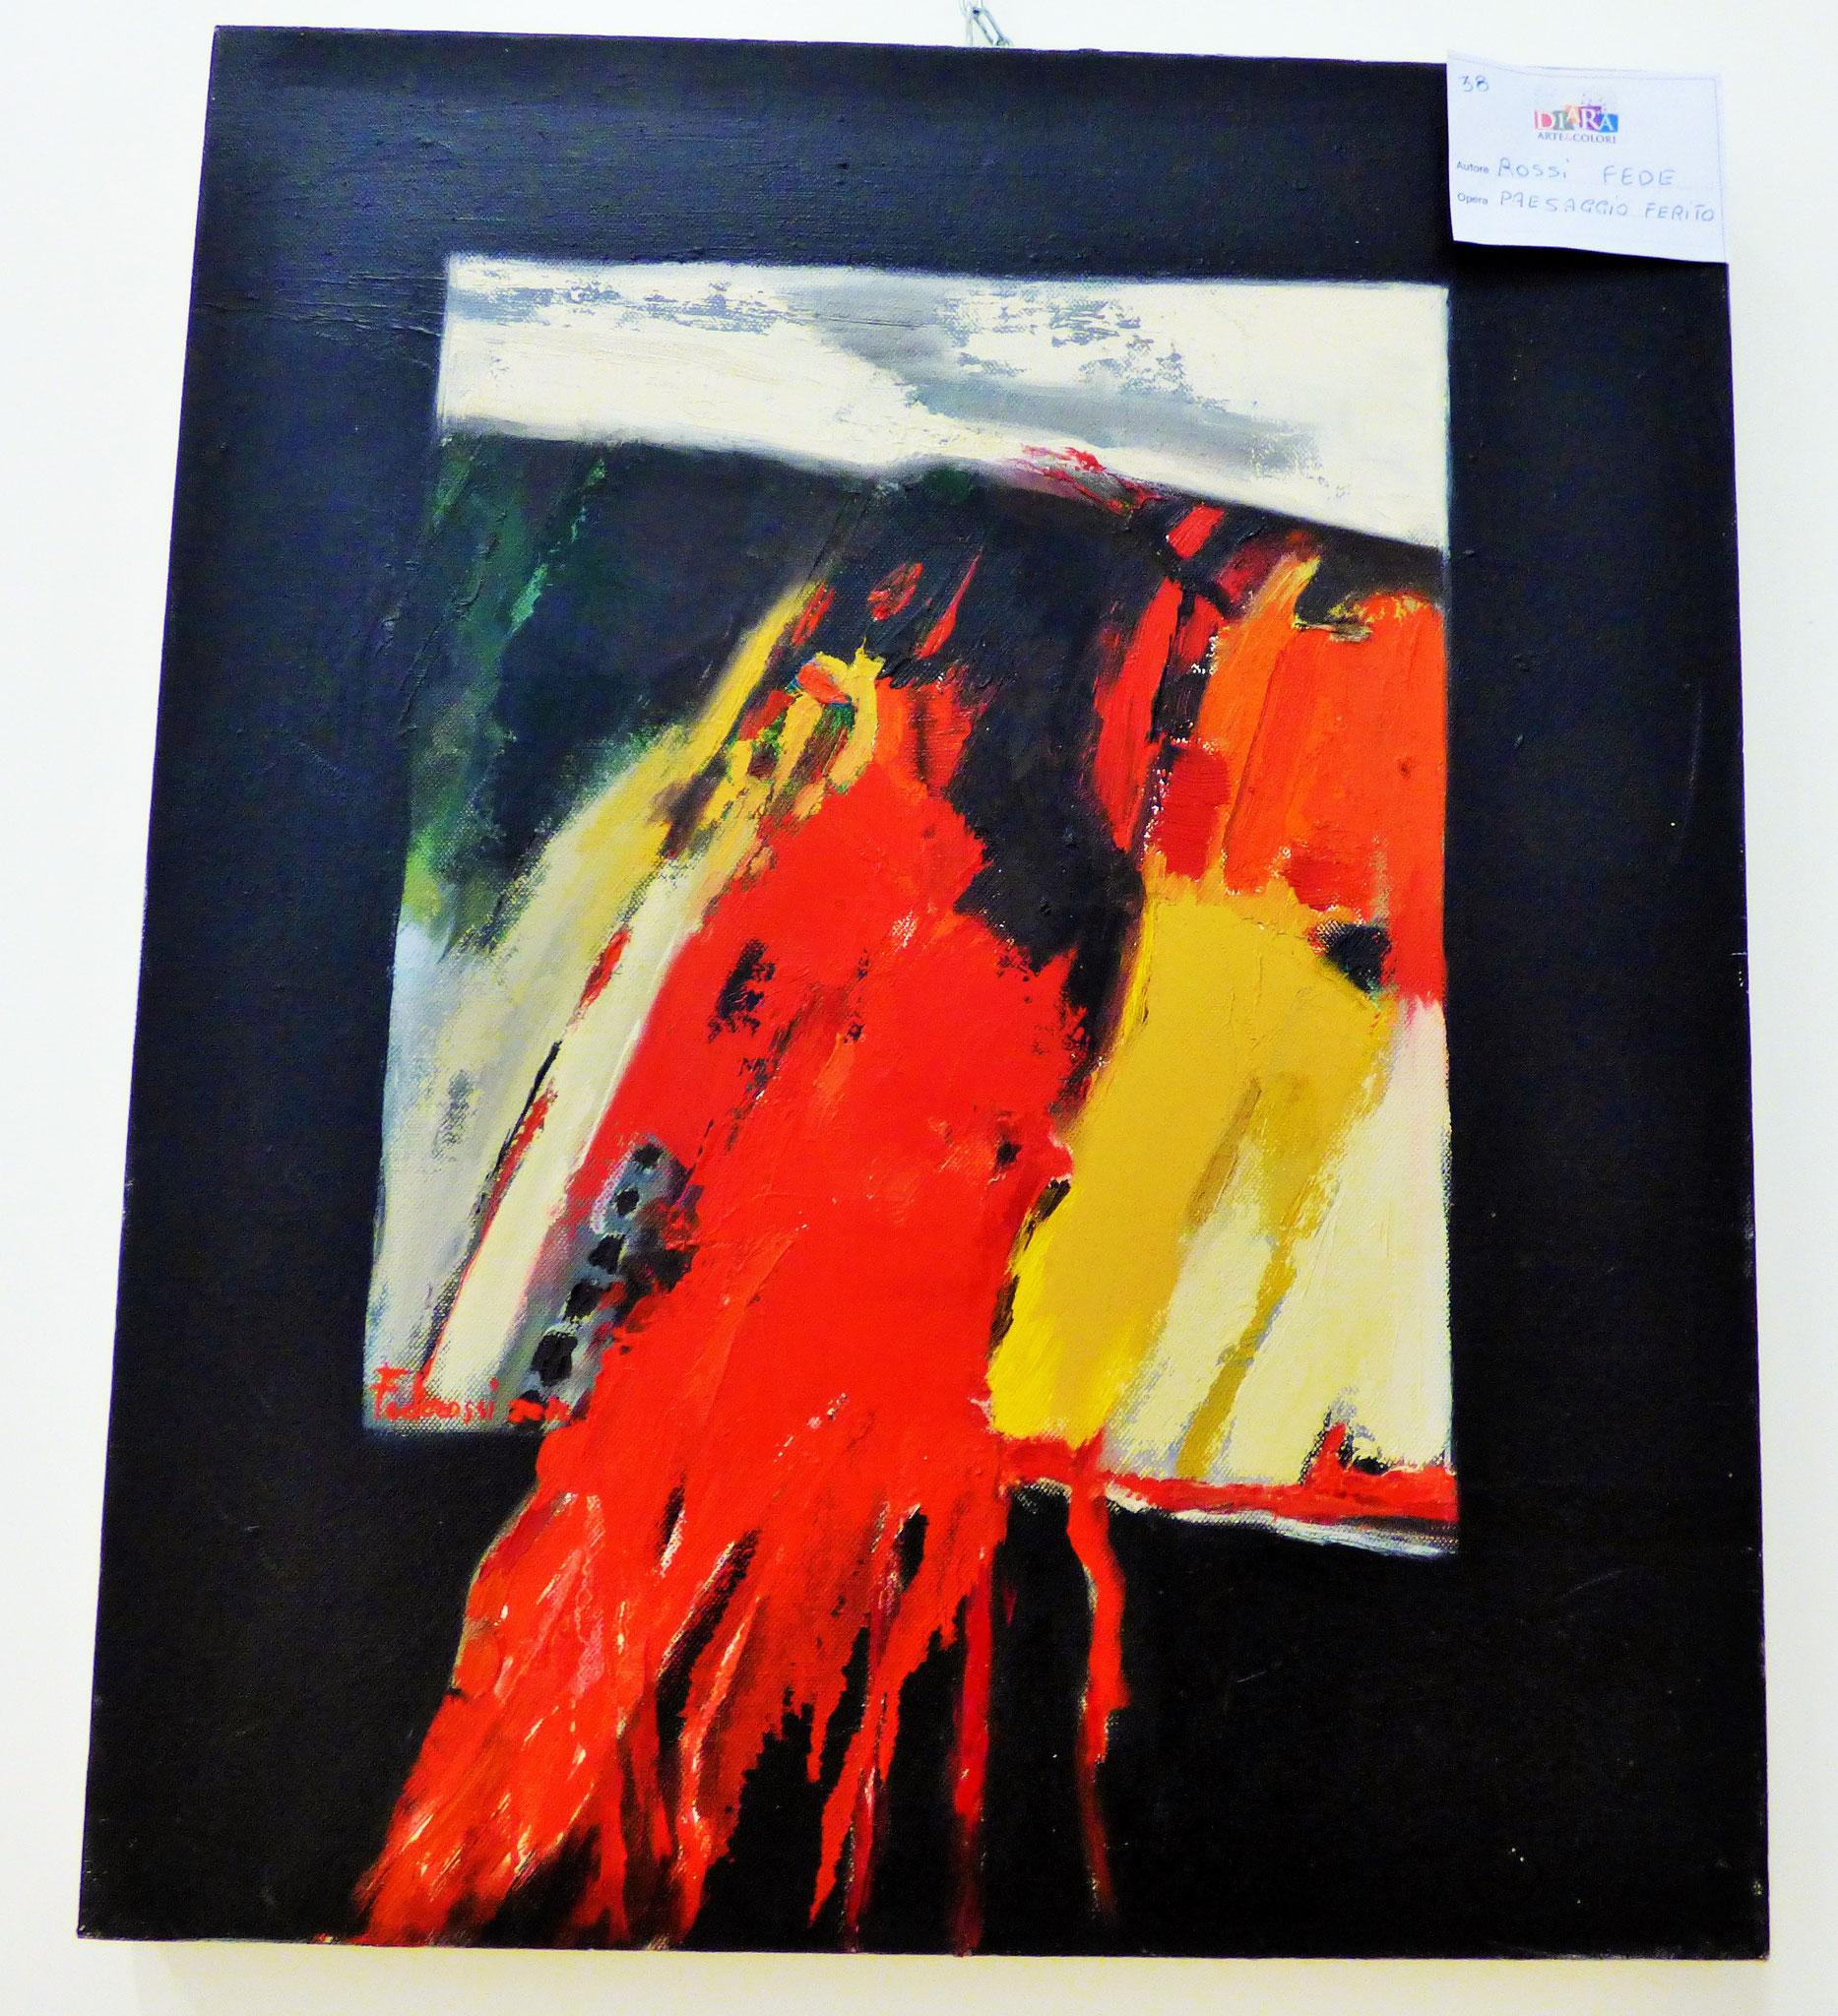 Rivergaro: DIARA Arte & Colori - IV concorso di Pittura ed.2018 - Rossi Fede - Paesaggio Ferito